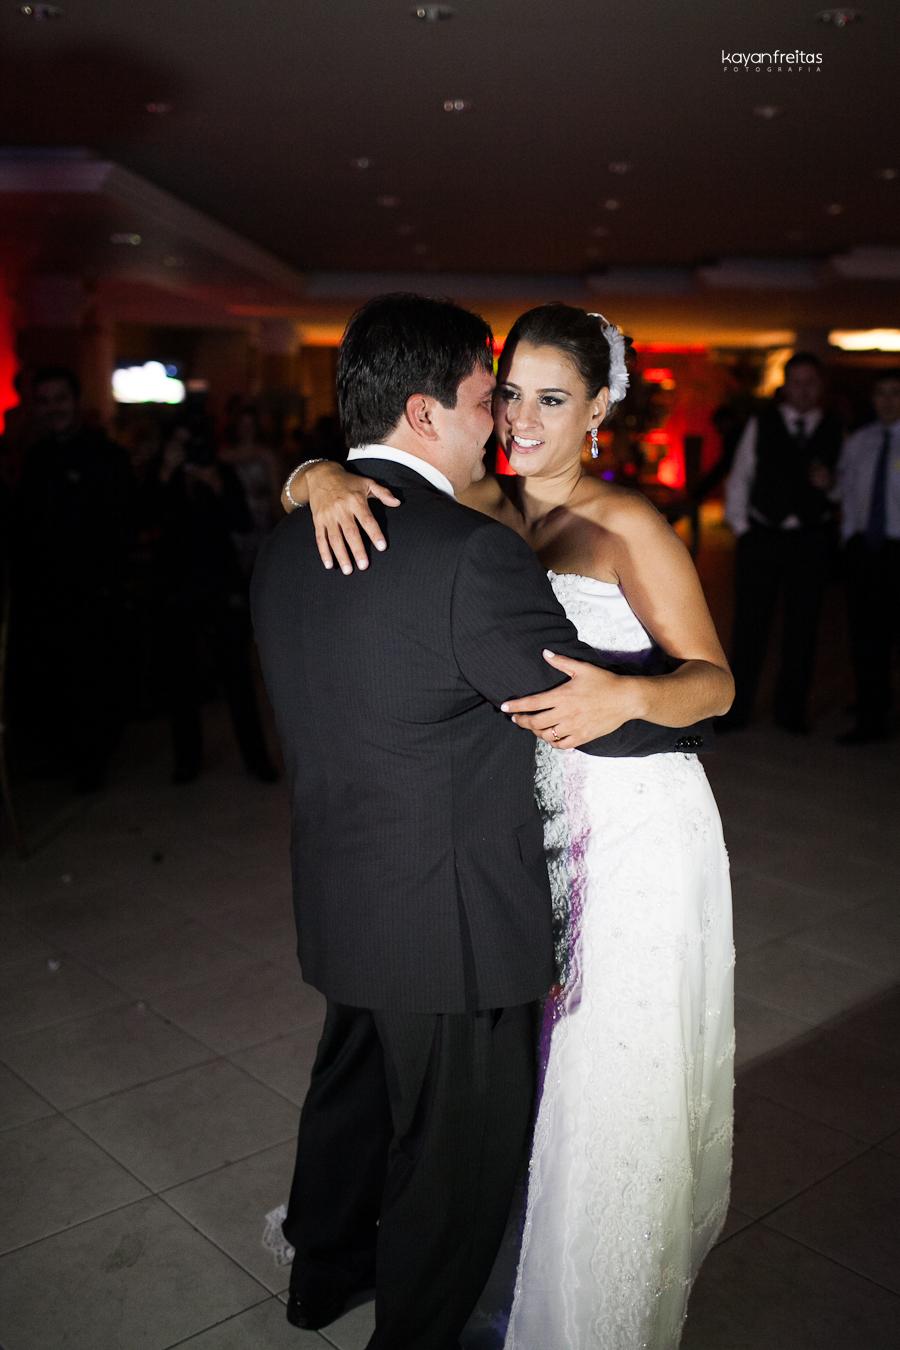 fotografo-casamento-florianopolis-0072 Casamento Renée e Vitor - Biguaçu